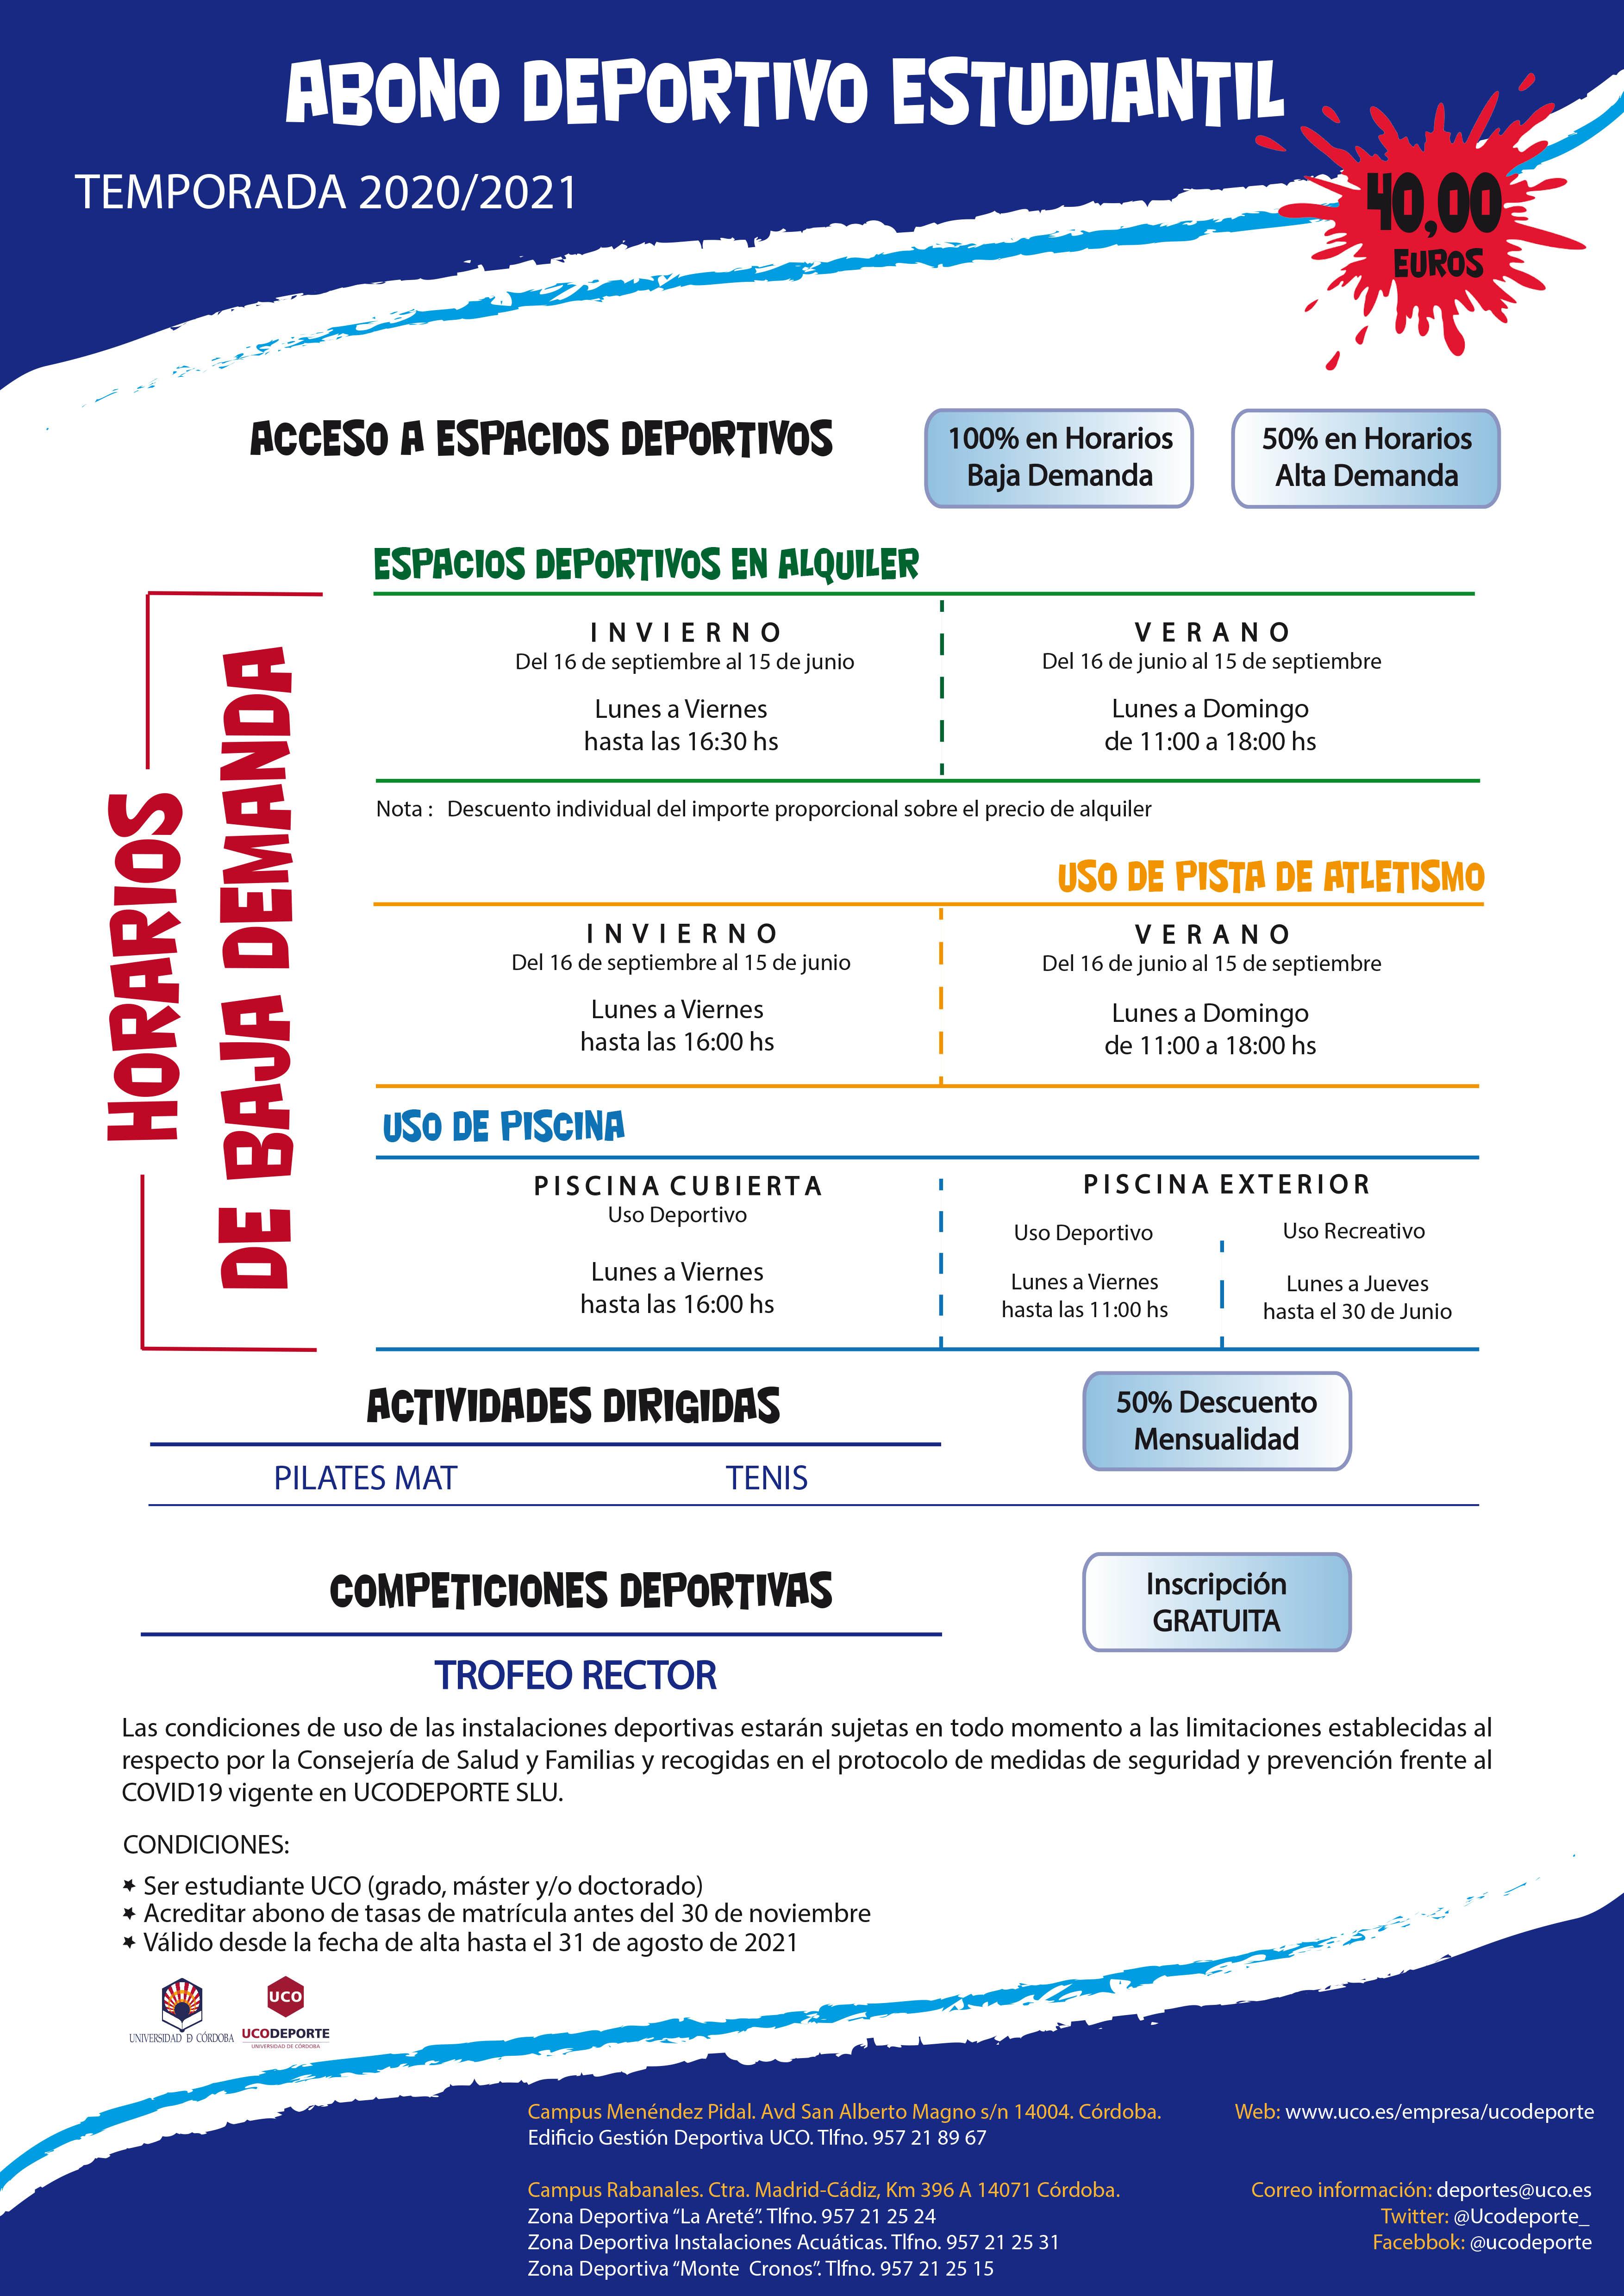 2020-2021_ABONO DEPORTIVO ESTUDIANTIL